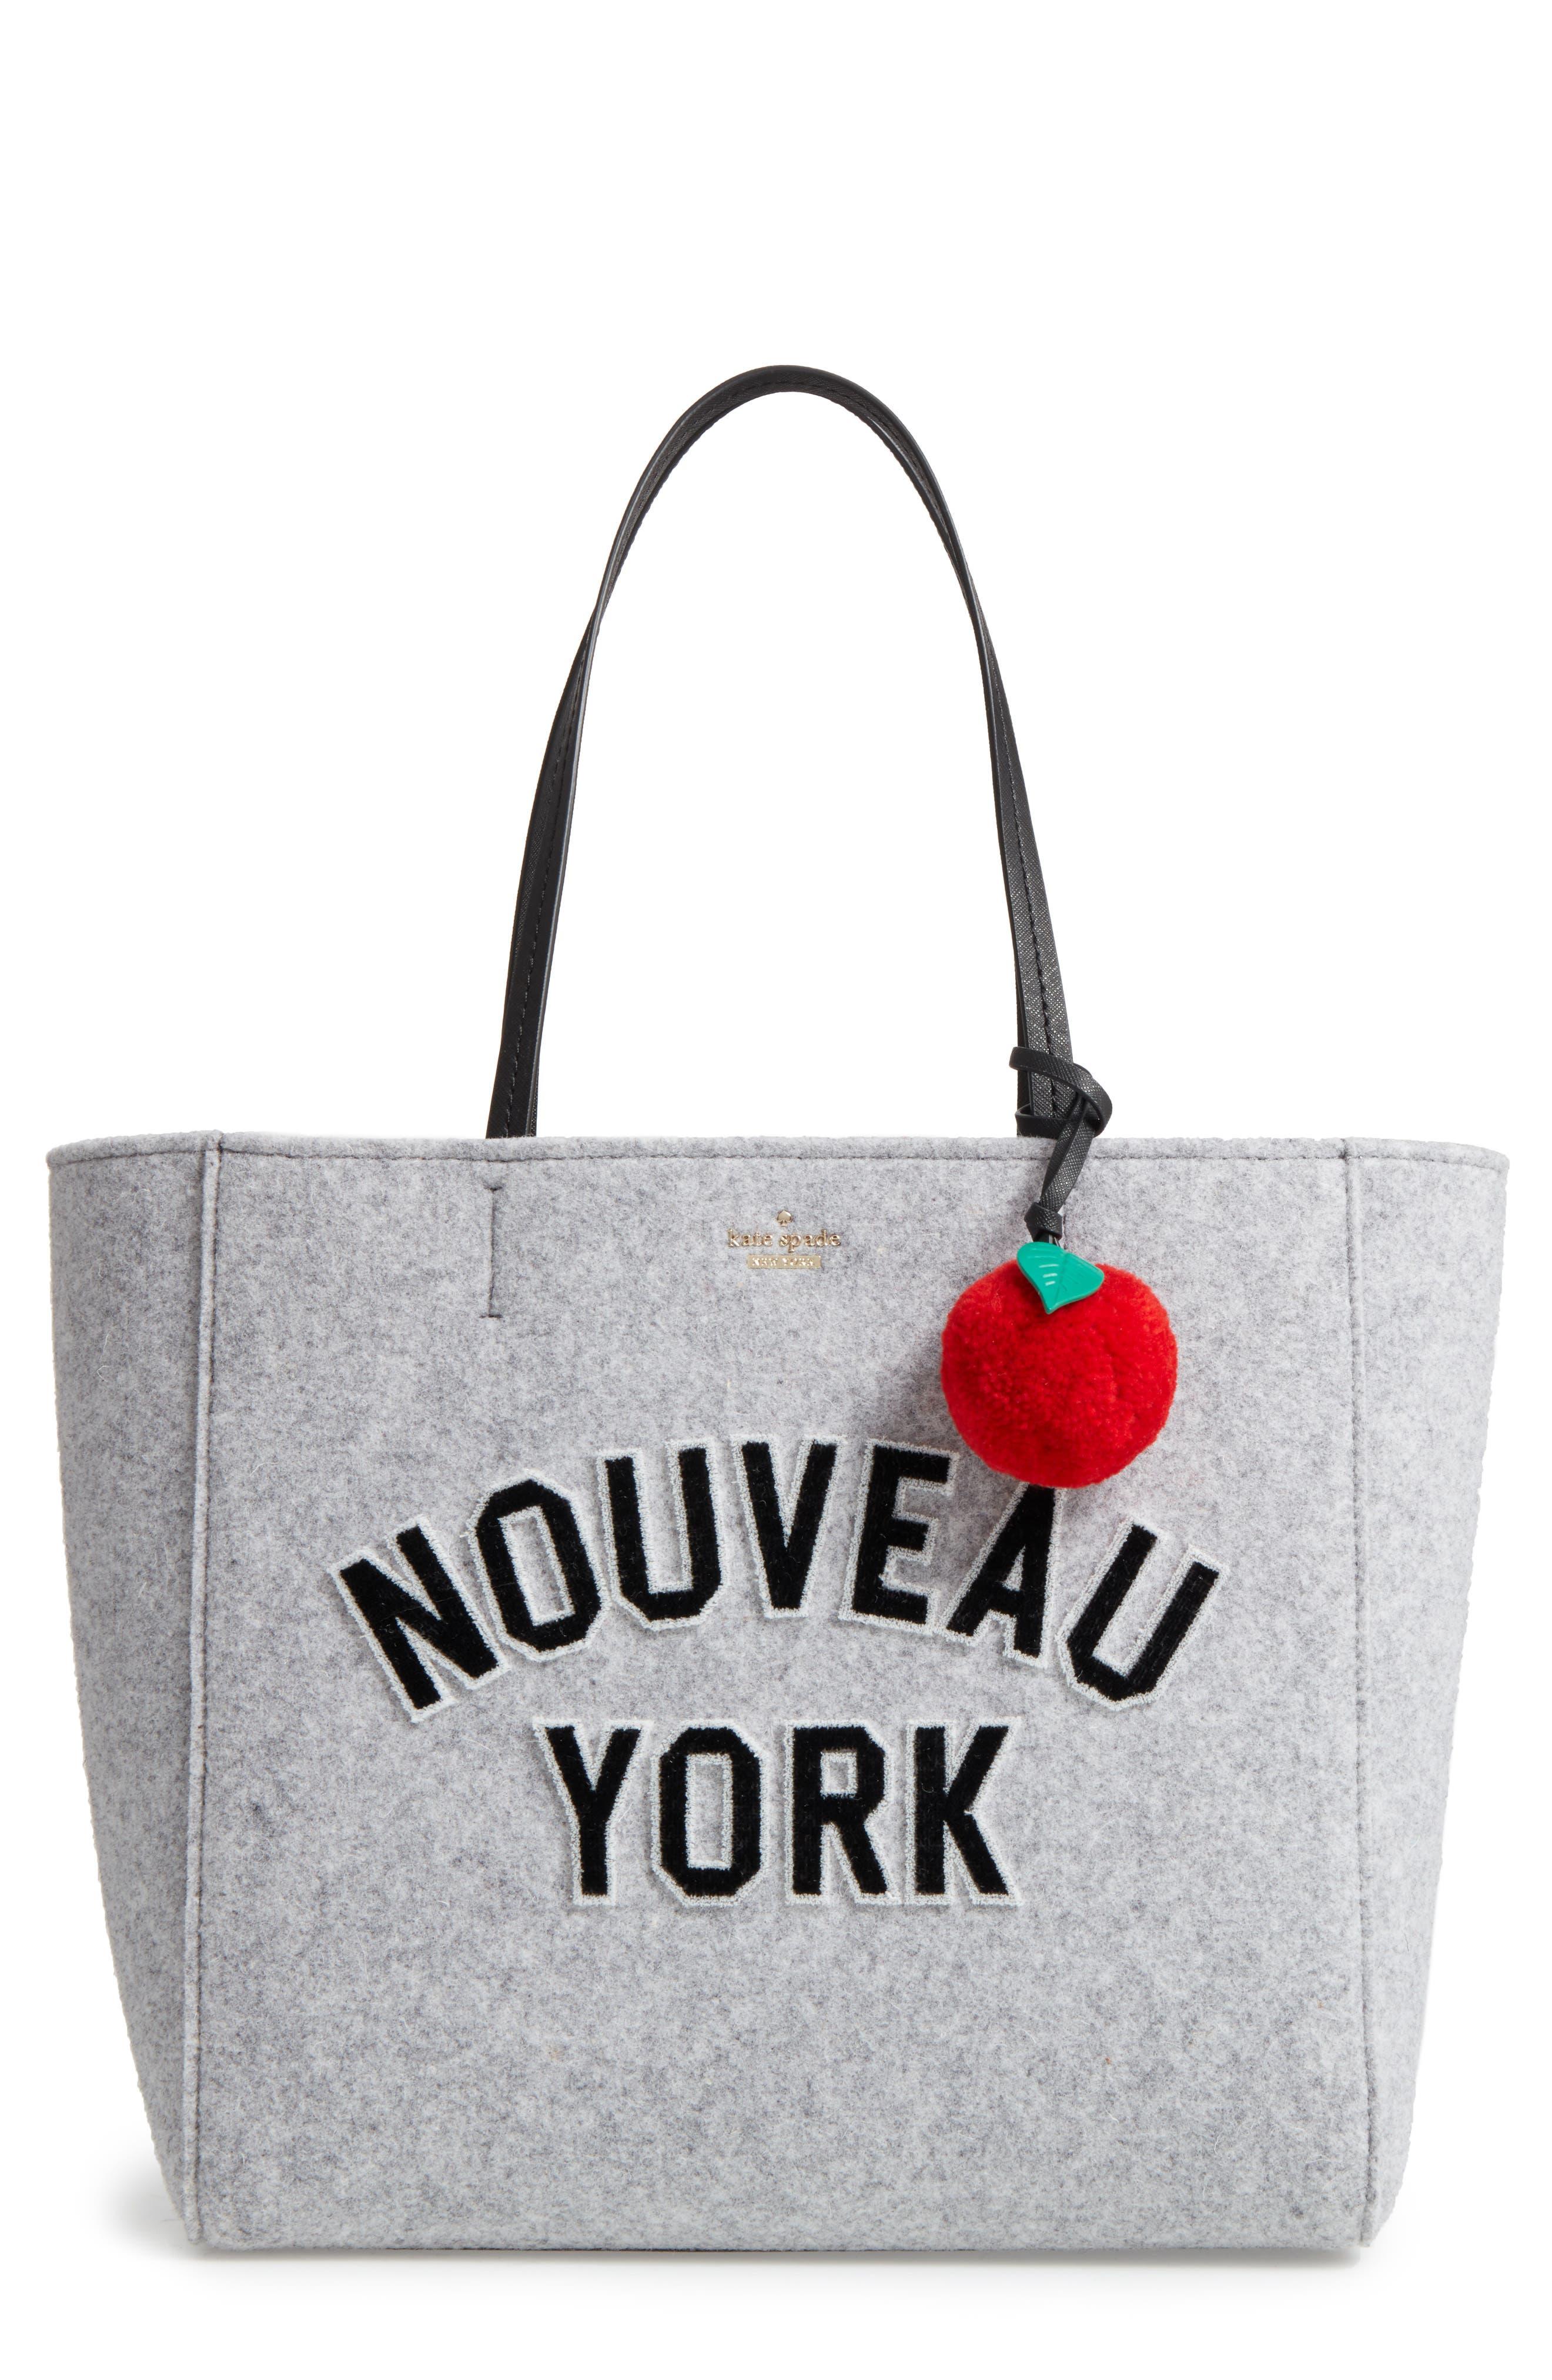 nouveau york - hallie flannel tote & apple pom bag charm,                             Main thumbnail 1, color,                             027